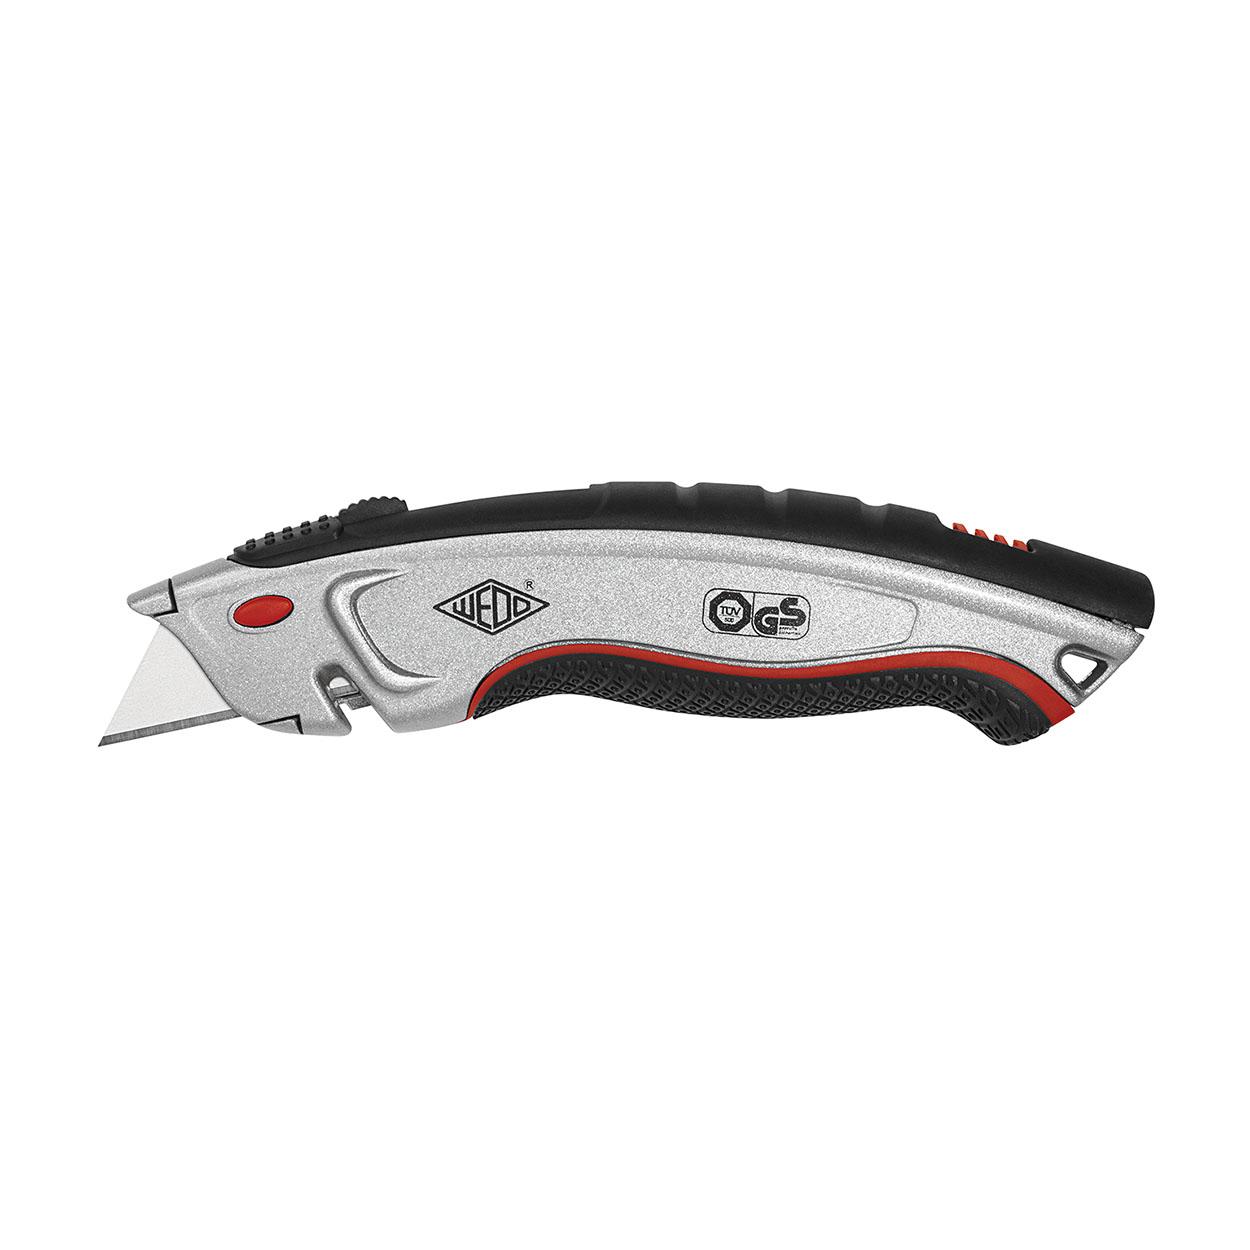 PRO PLUS - Bezpečnostní nůž s rozřezávačem